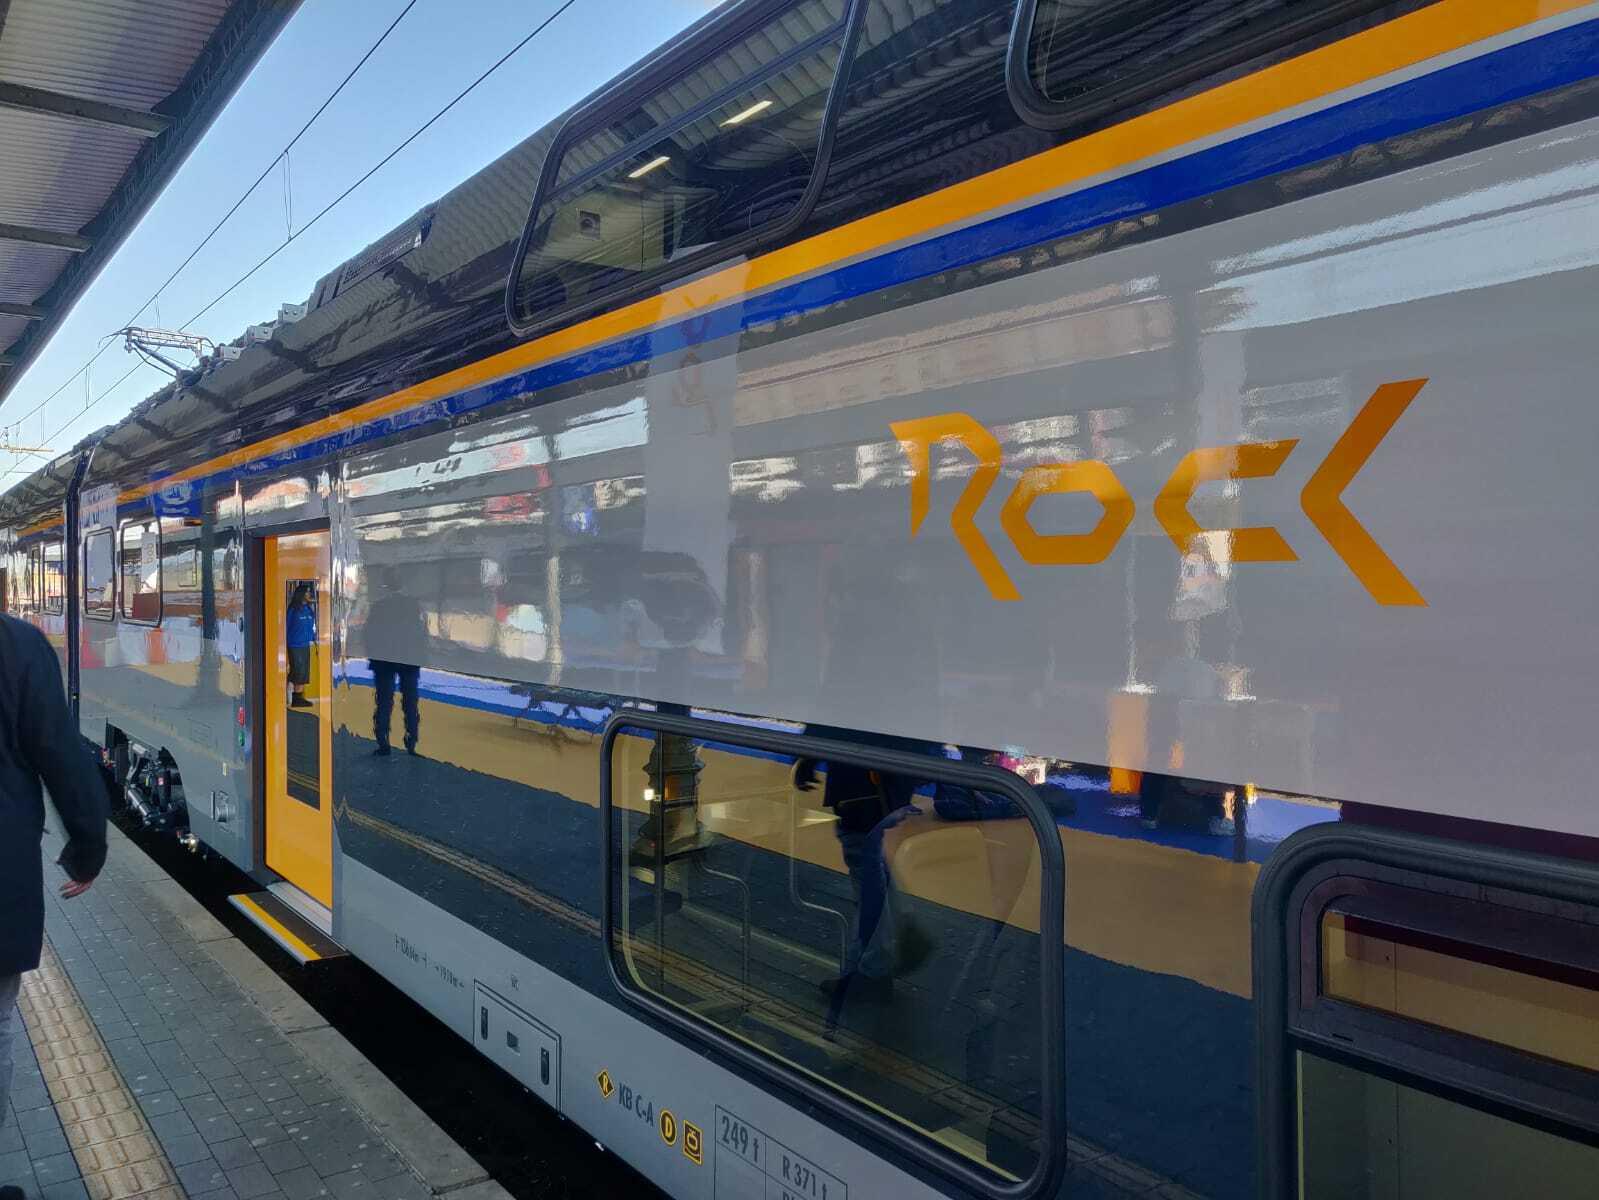 Lavori nelle stazioni di Faenza e Forlì, treni cancellati nel weekend